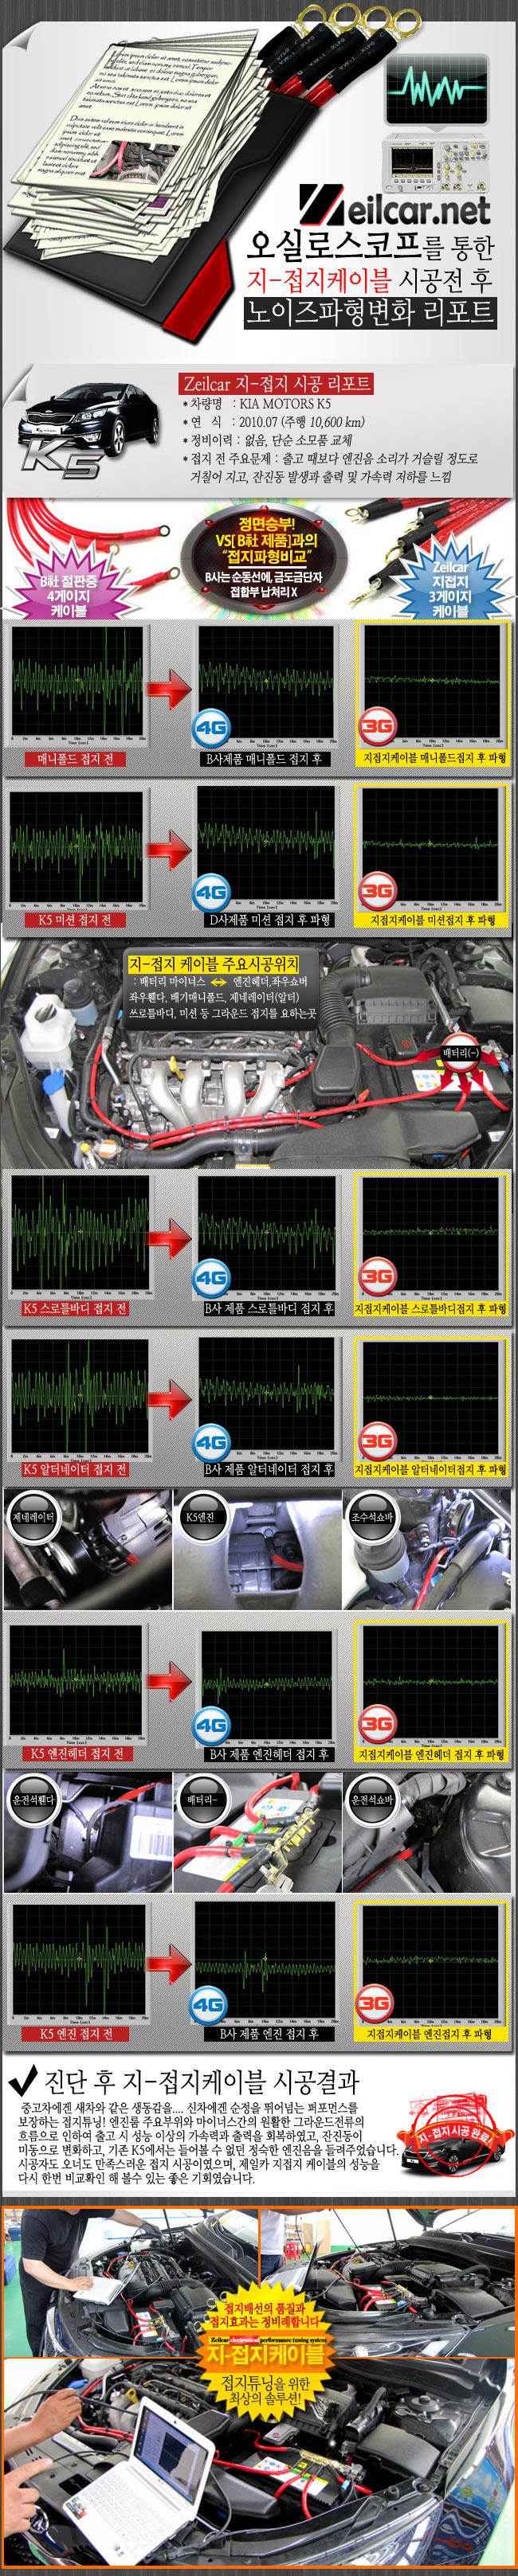 마이너스접지, 자동차접지, 자동차용품, 자동차방음,소음감소,엔진접지,지접지